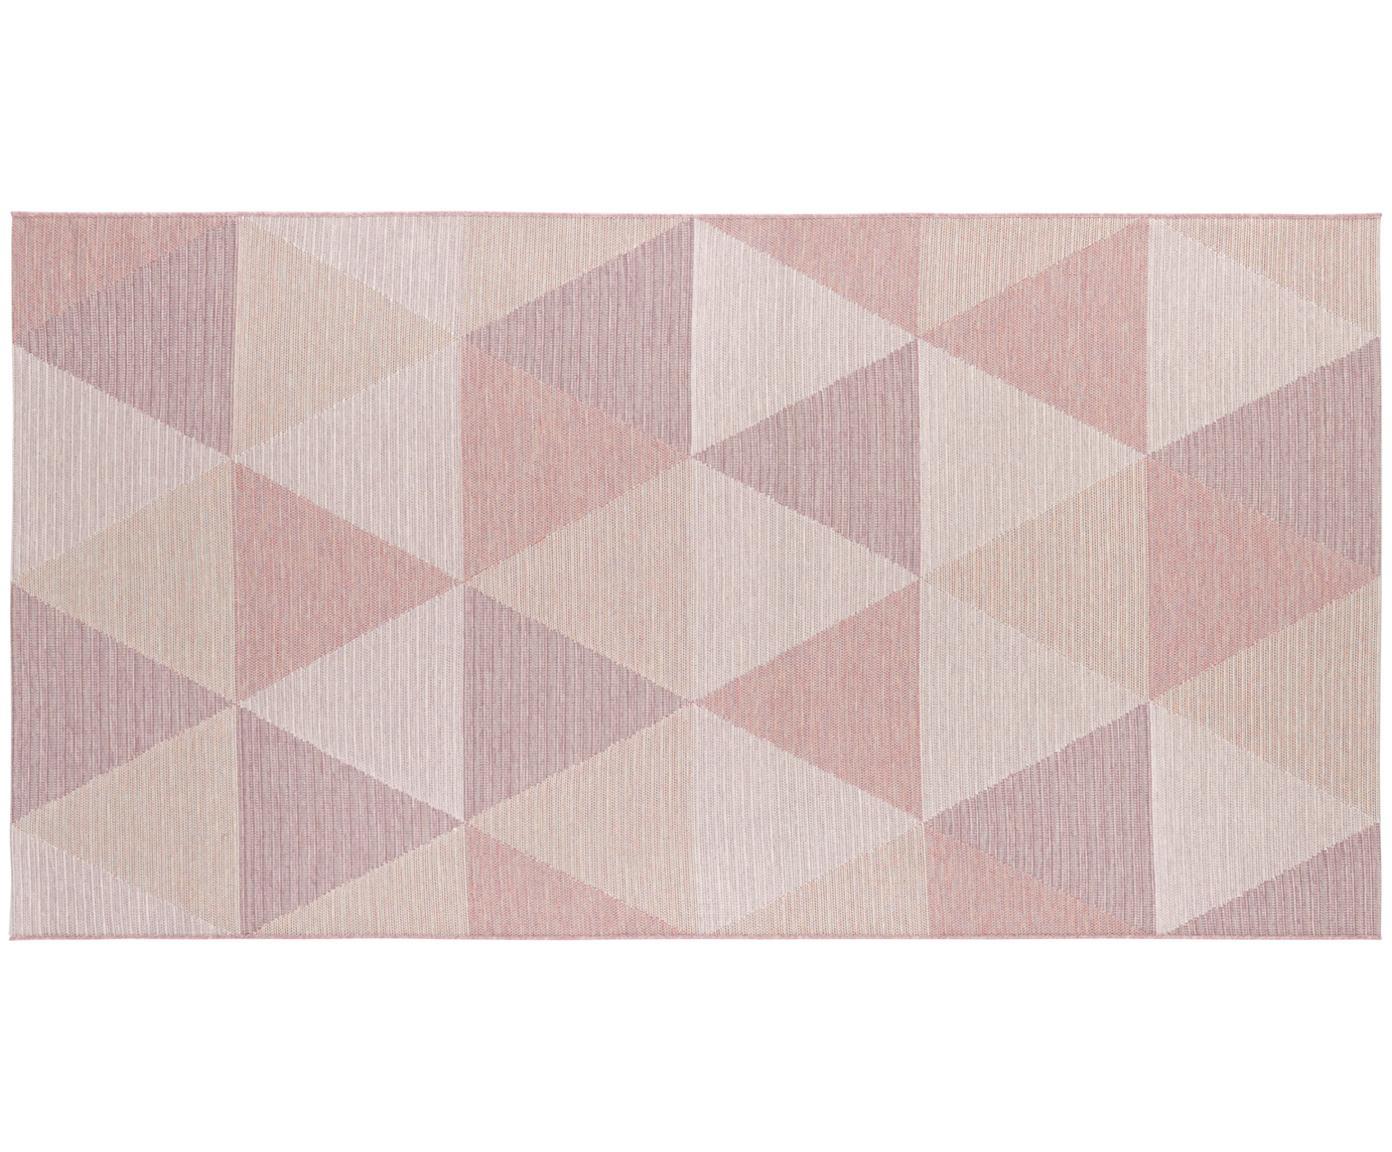 Tappeto da interno-esterno Sevres, 100% polipropilene, Tonalità rosa, tonalità beige, Larg. 80 x Lung. 150 cm (taglia XS)